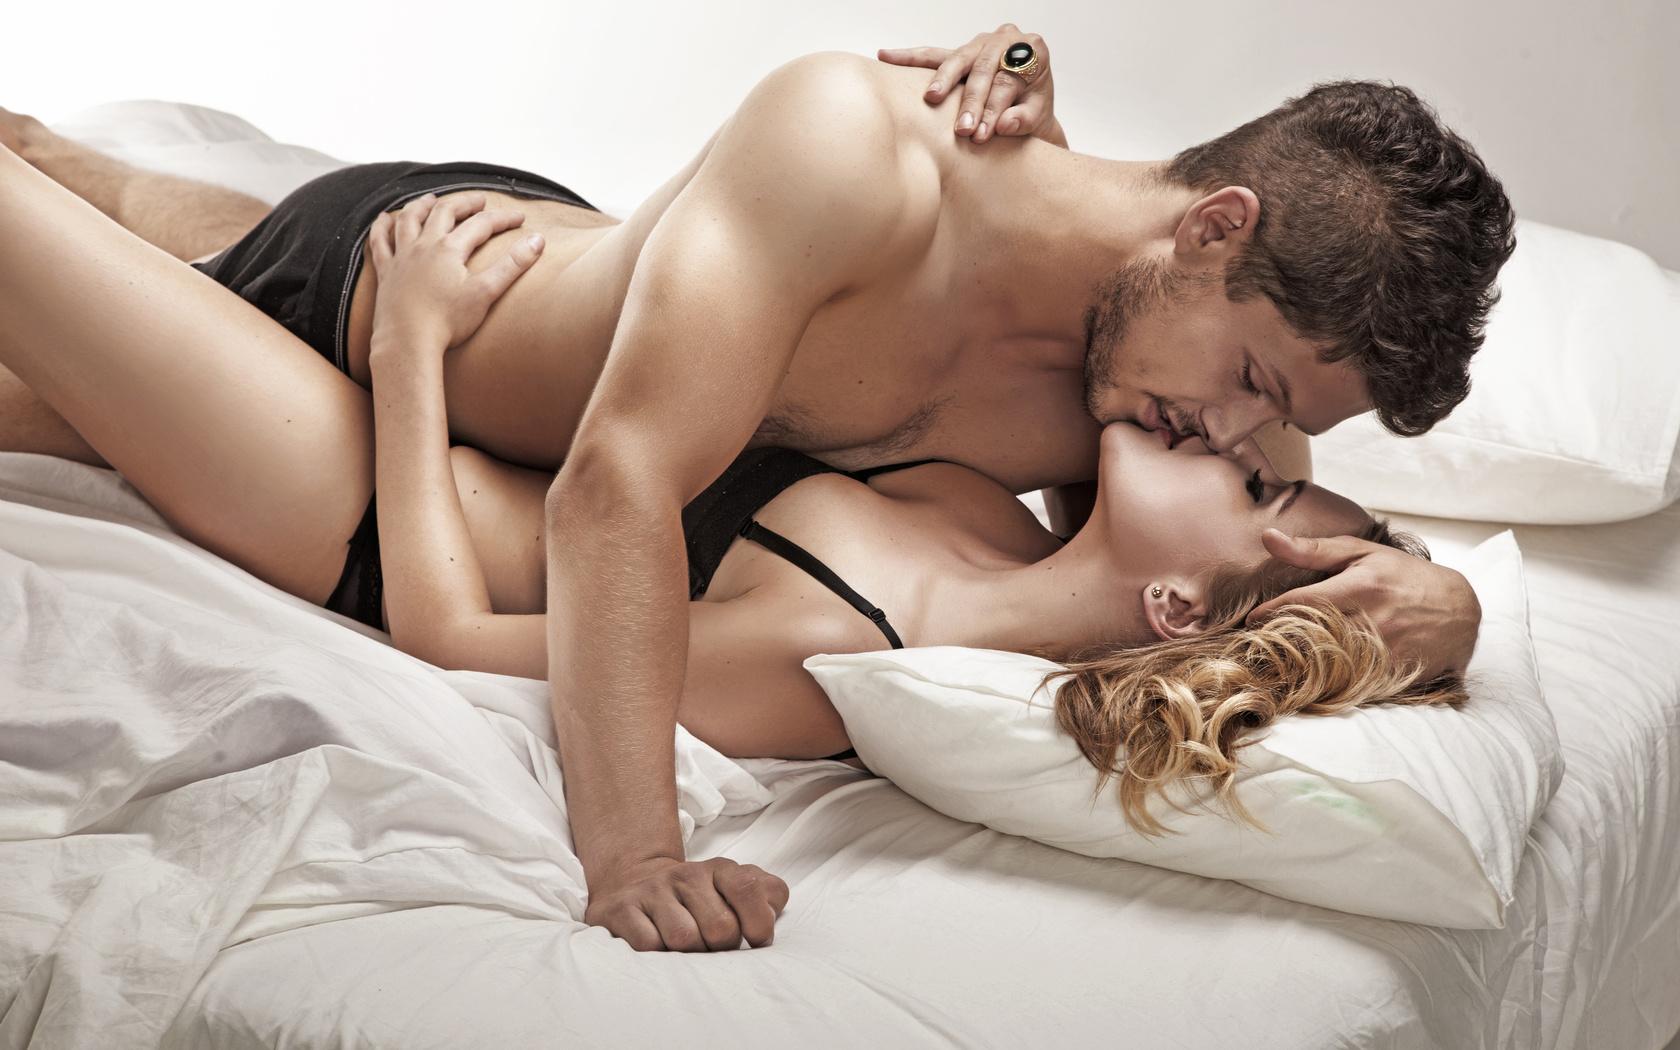 Сексуальные картинки парень и девушка и офигительный секс